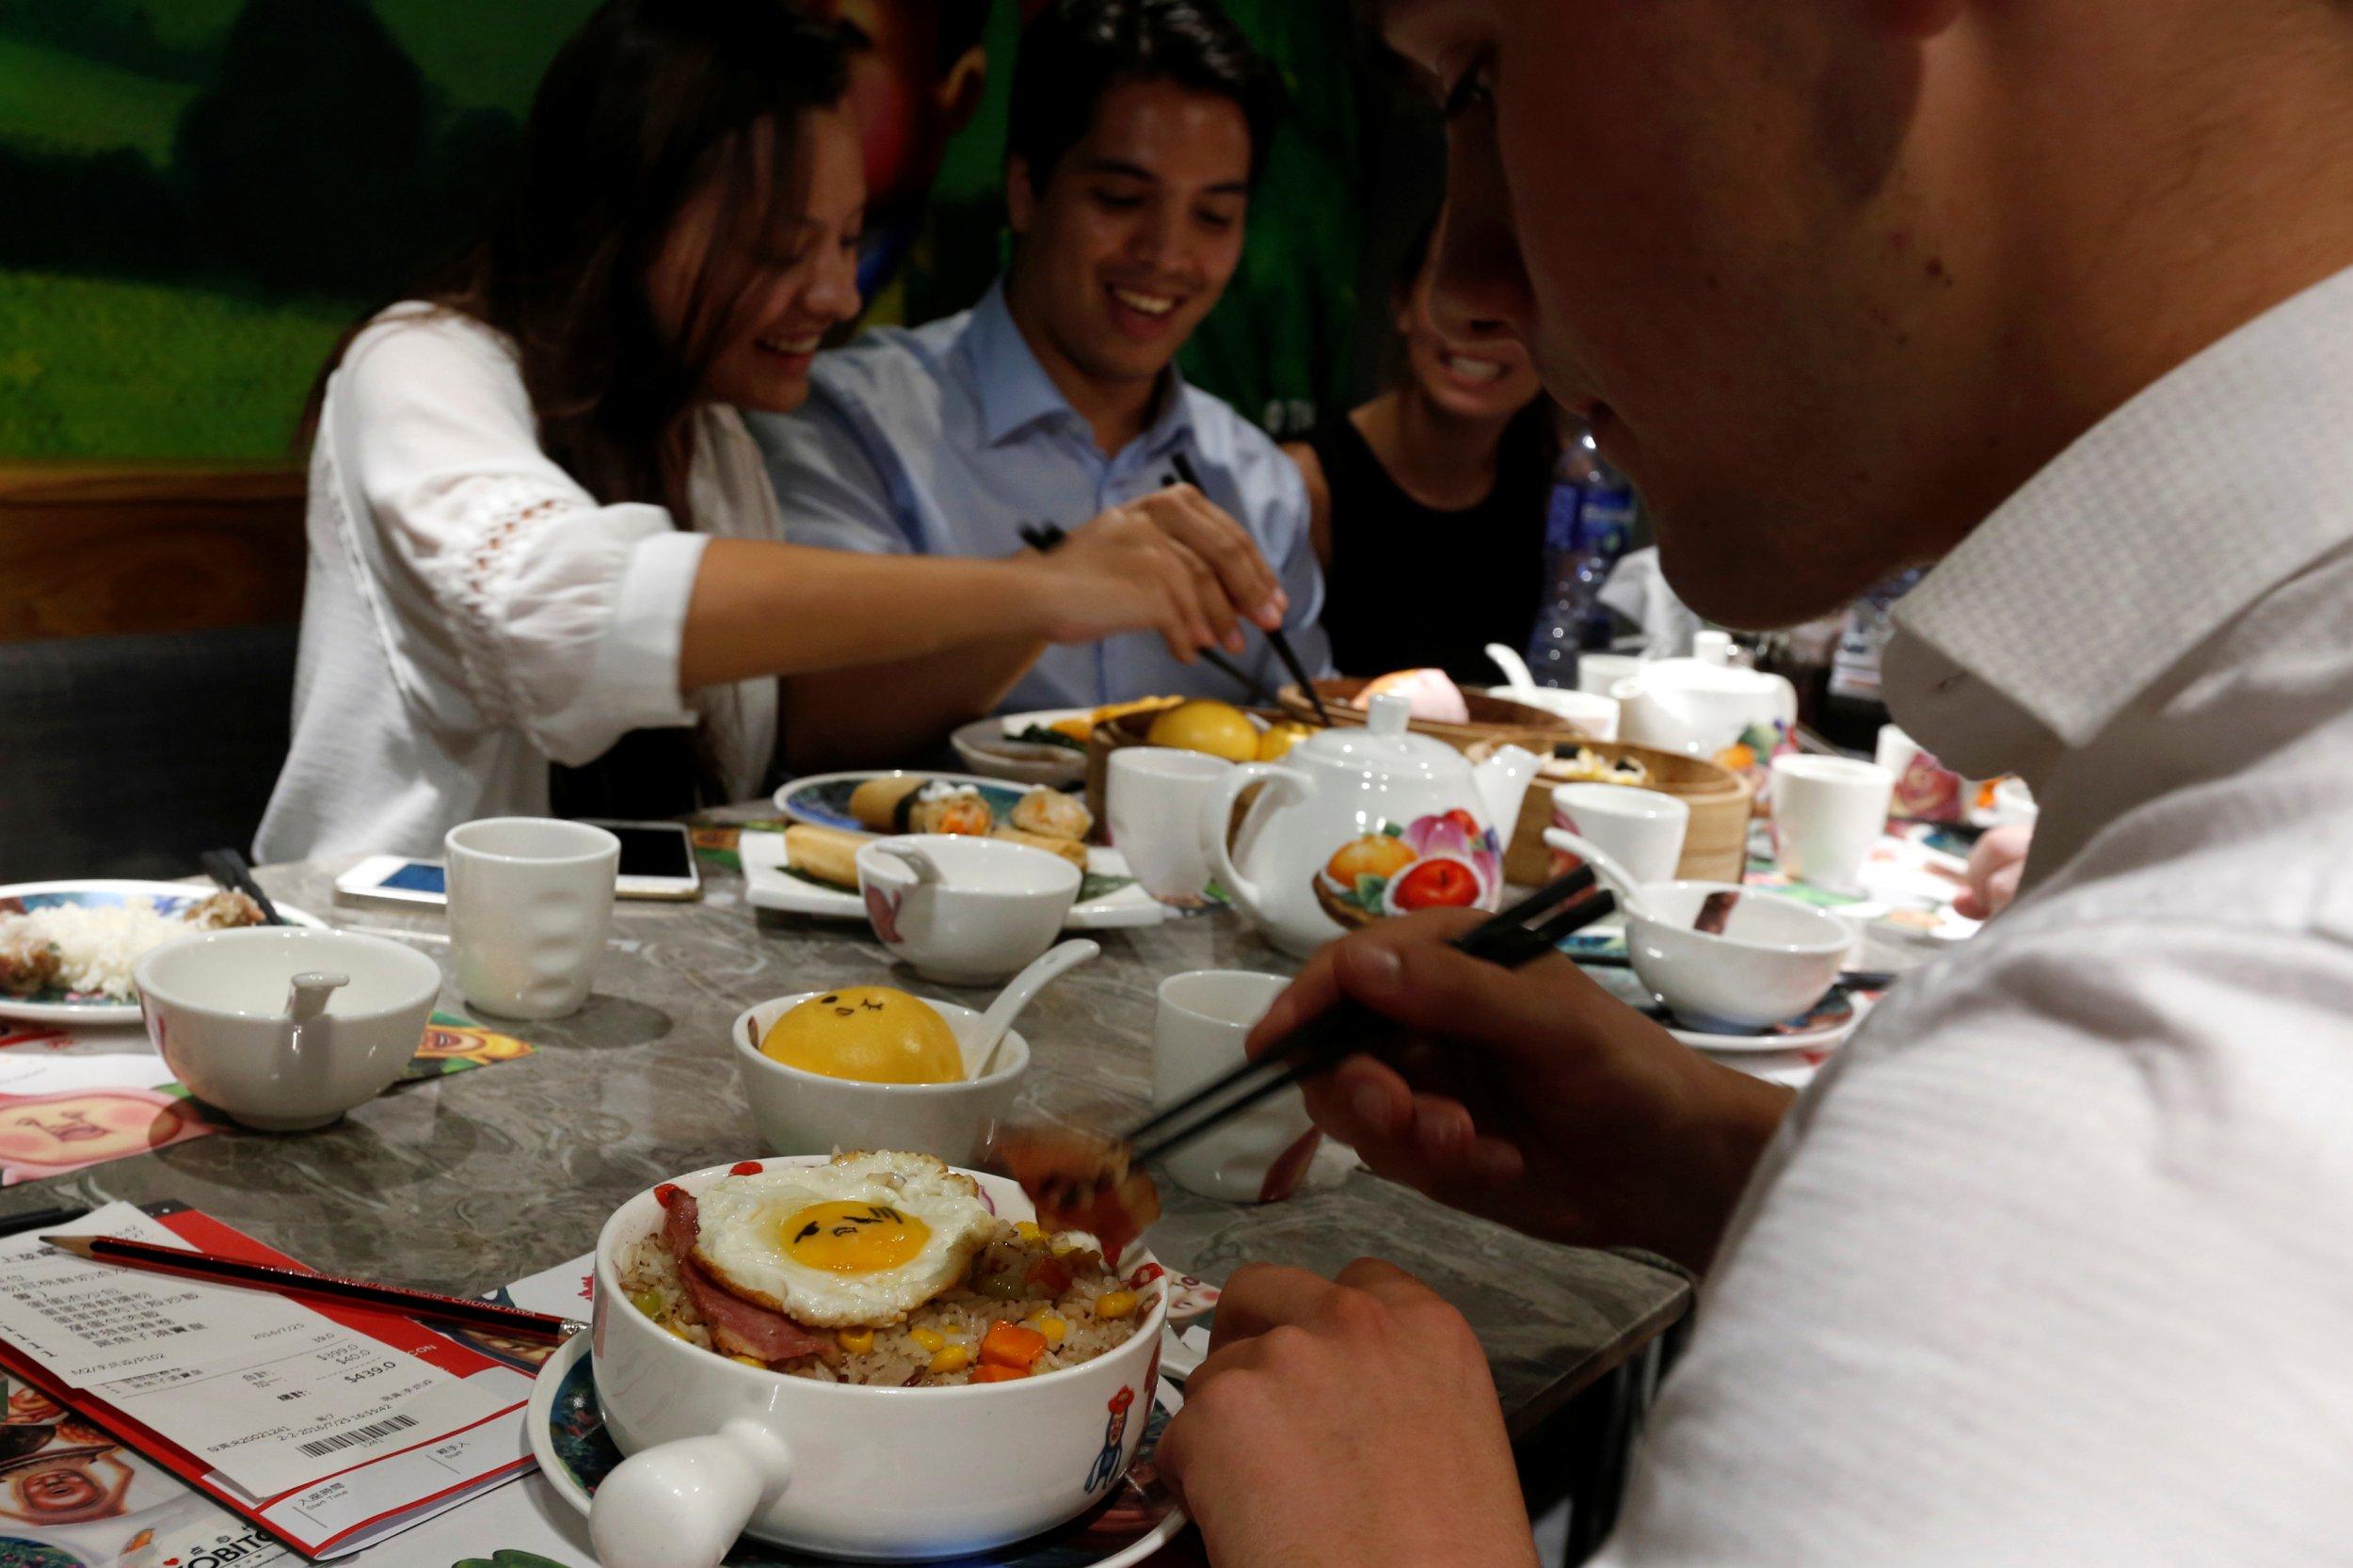 Supreme Court Justice Kagan Chinese Food